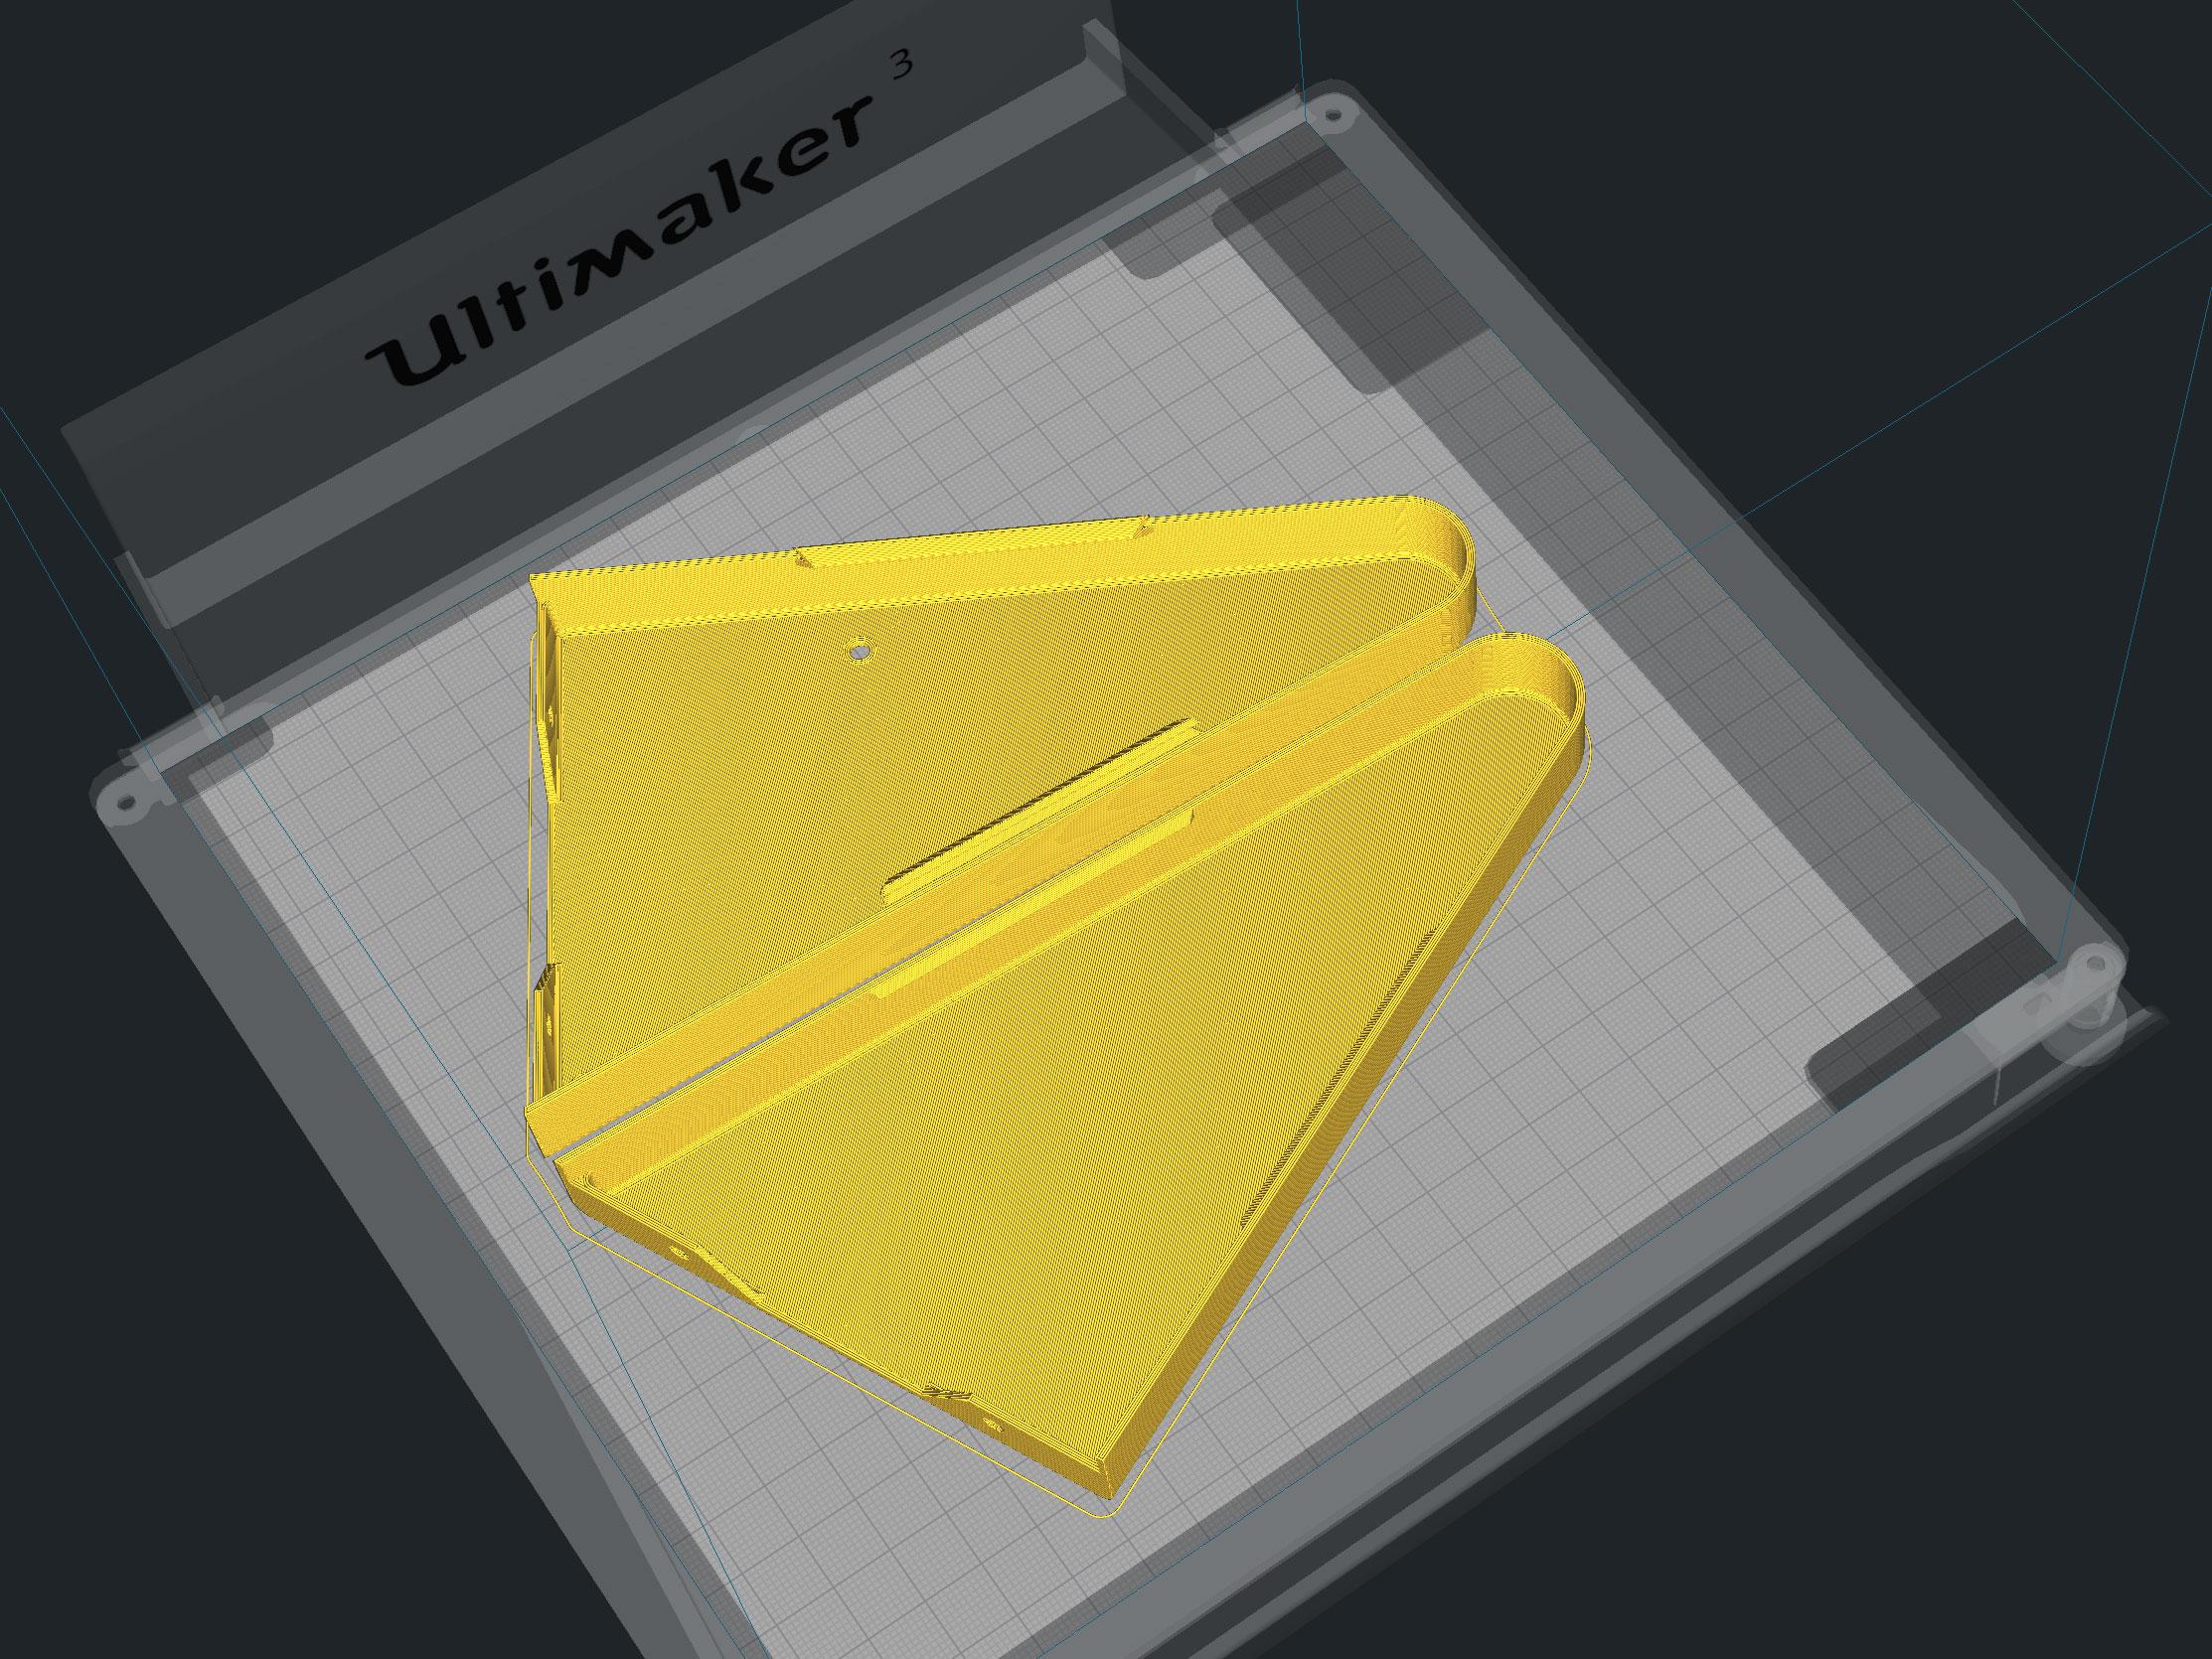 3d_printing_slice-wings.jpg